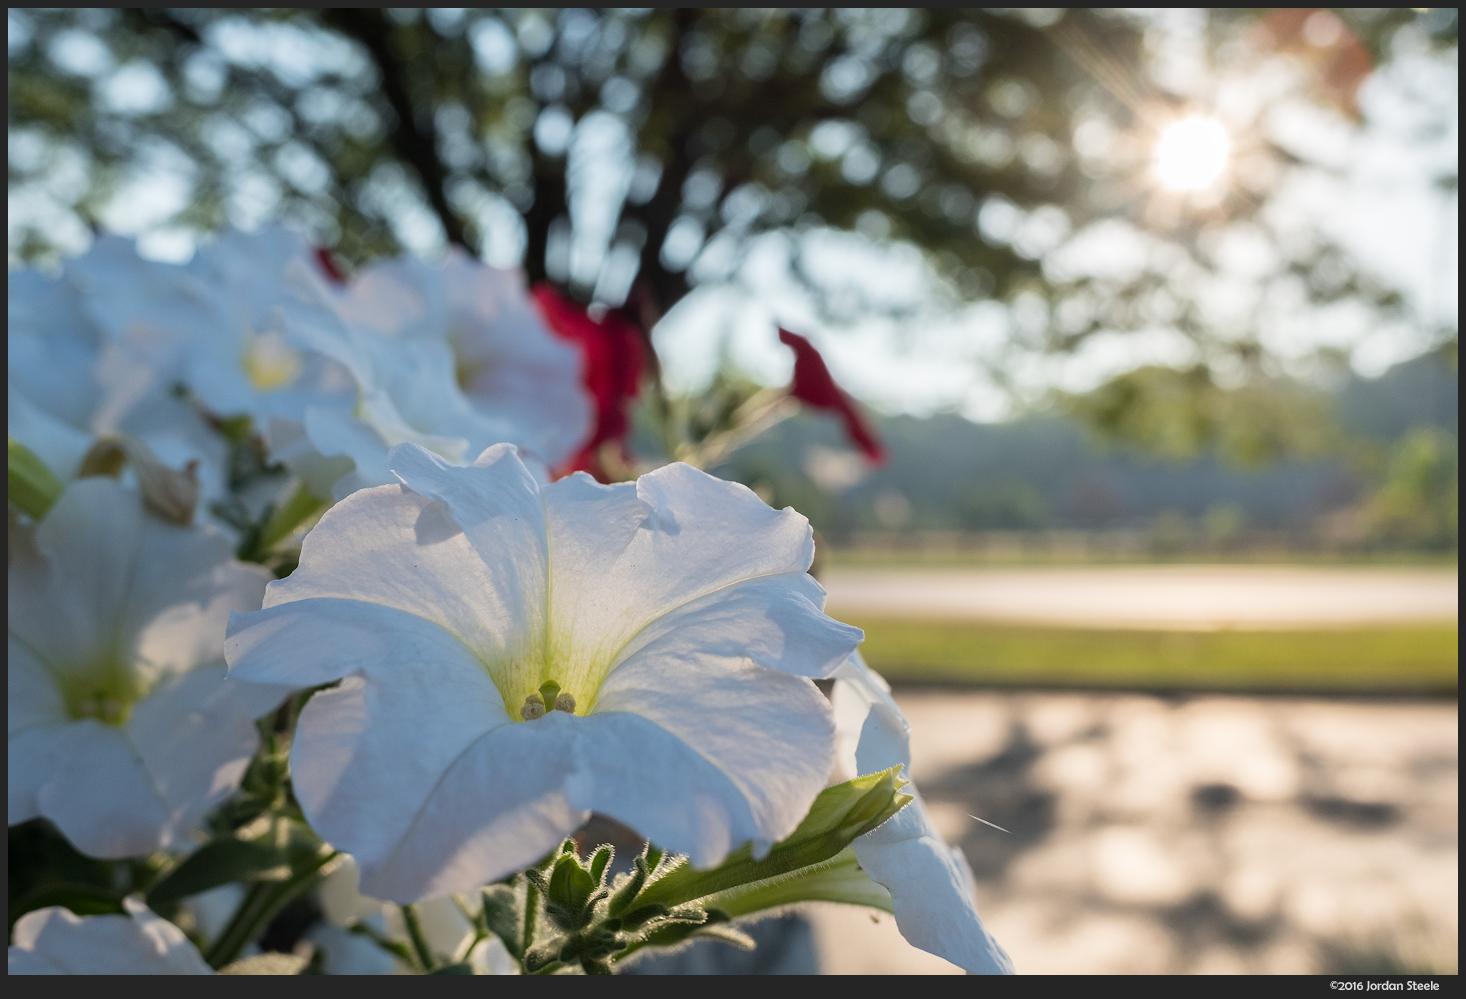 Flowers - Fujifilm X70 @ f/2.8, ISO 200